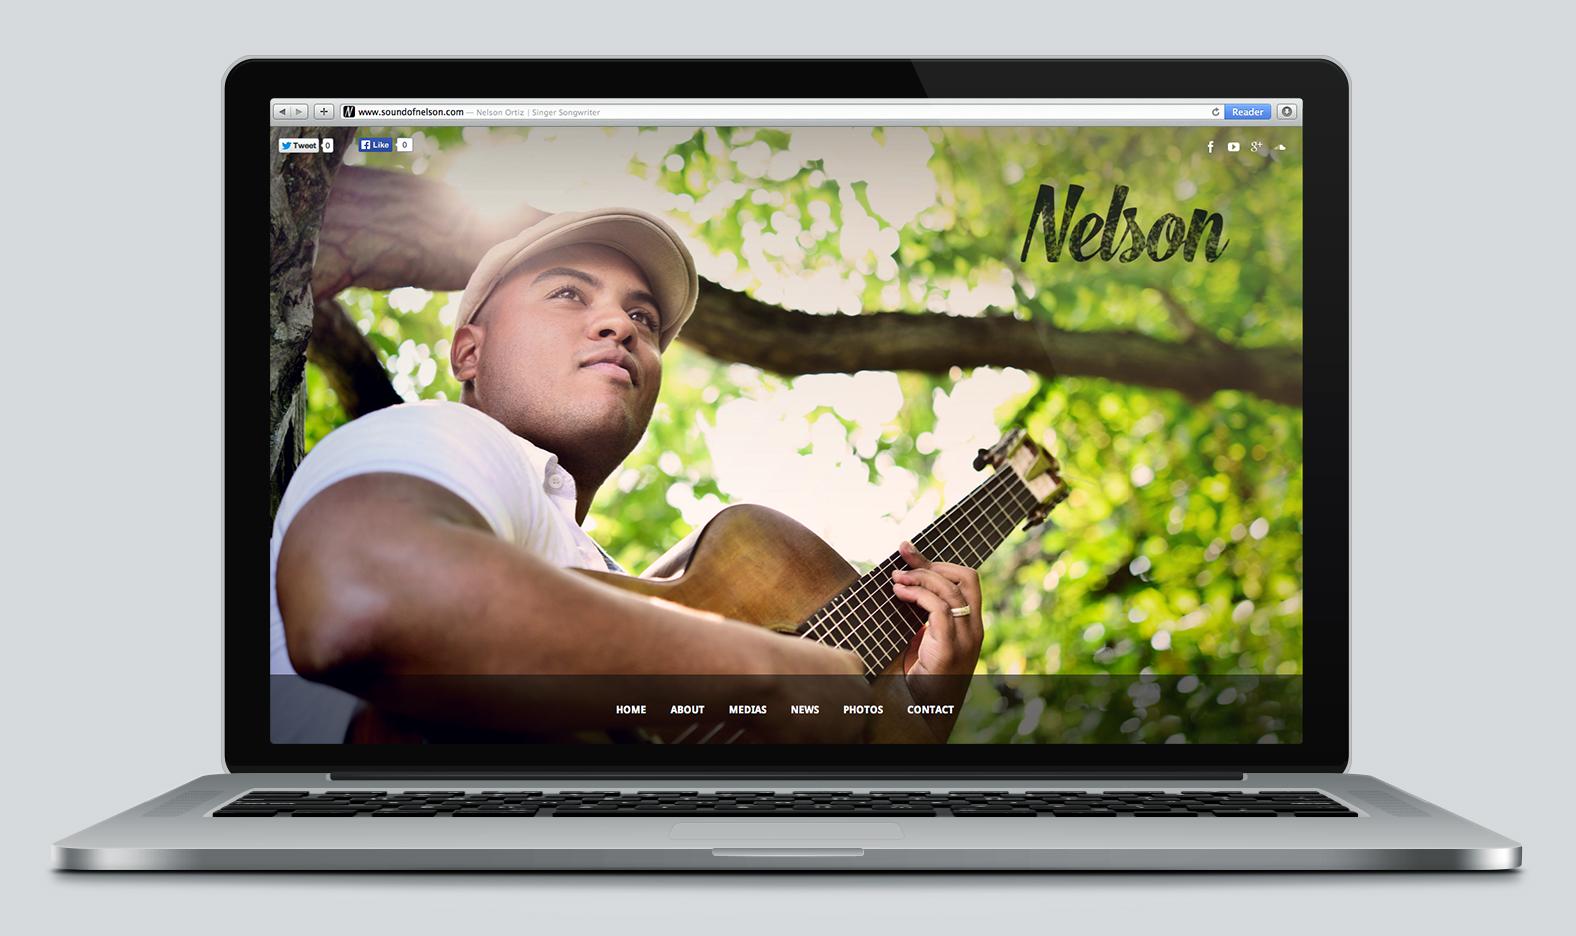 Nelson_011.jpg